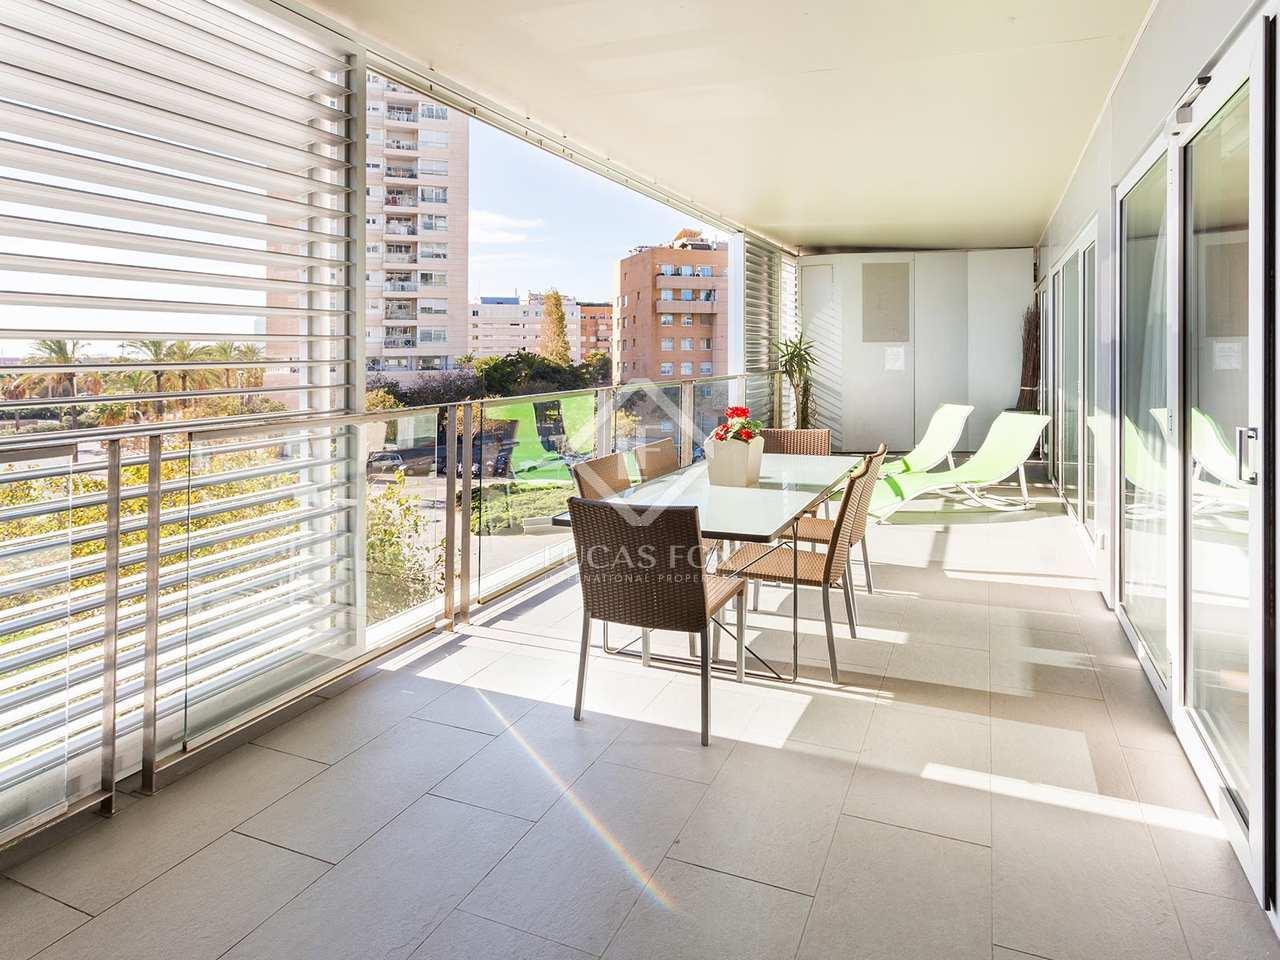 Appartement avec vue sur la mer en vente diagonal mar barcelone - Appartement vente barcelone ...